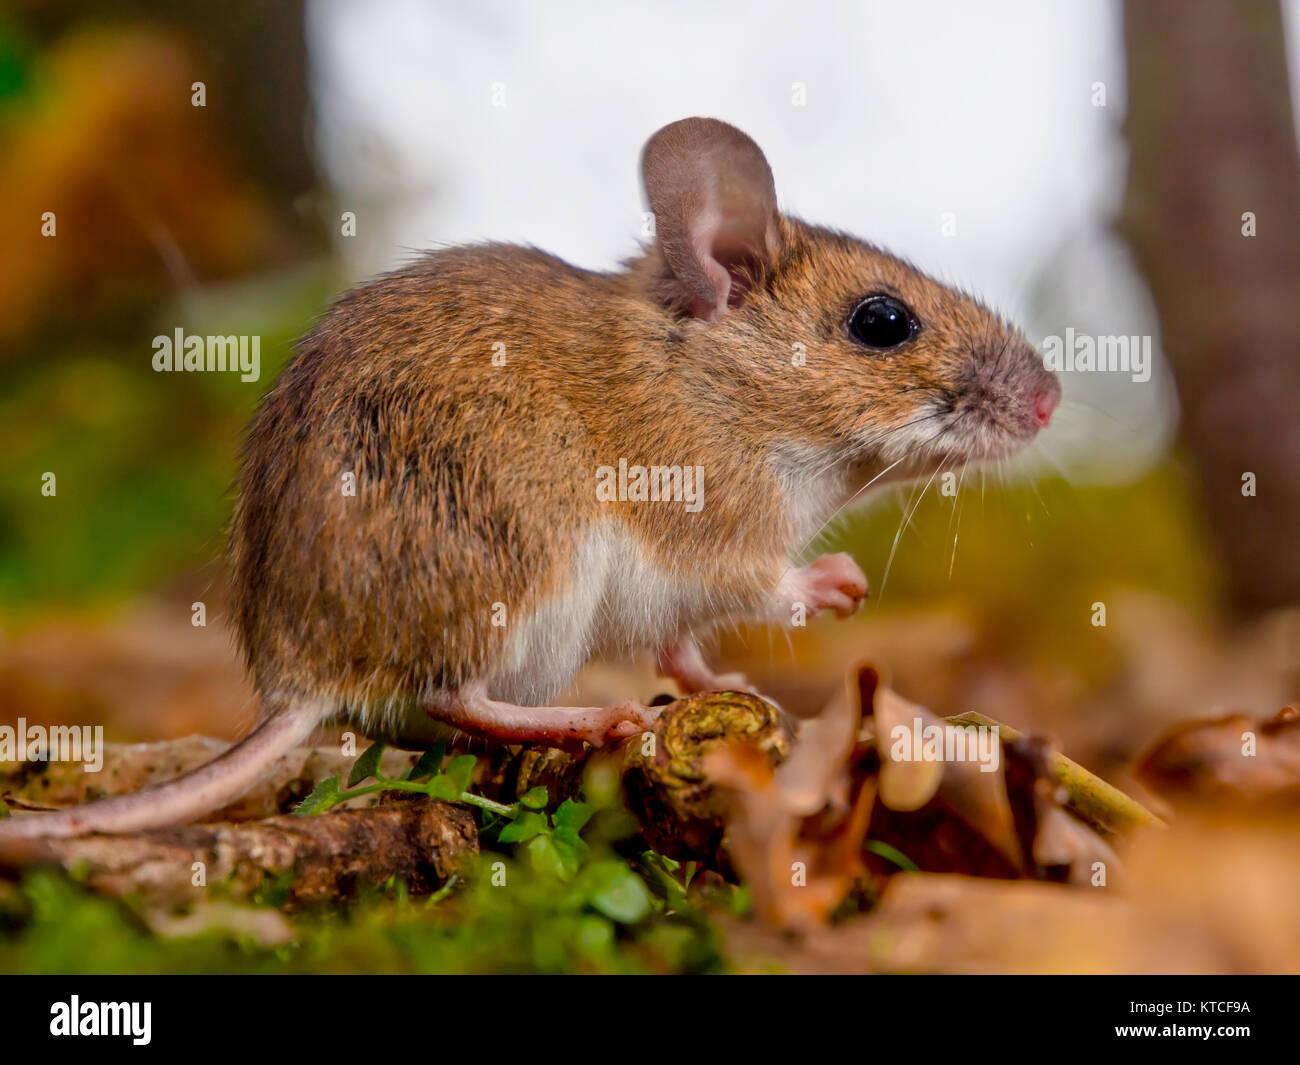 Gelbe necked Maus (Apodemus flavicollis) von Seite in natürlichen Lebensraum Wald gesehen Stockbild